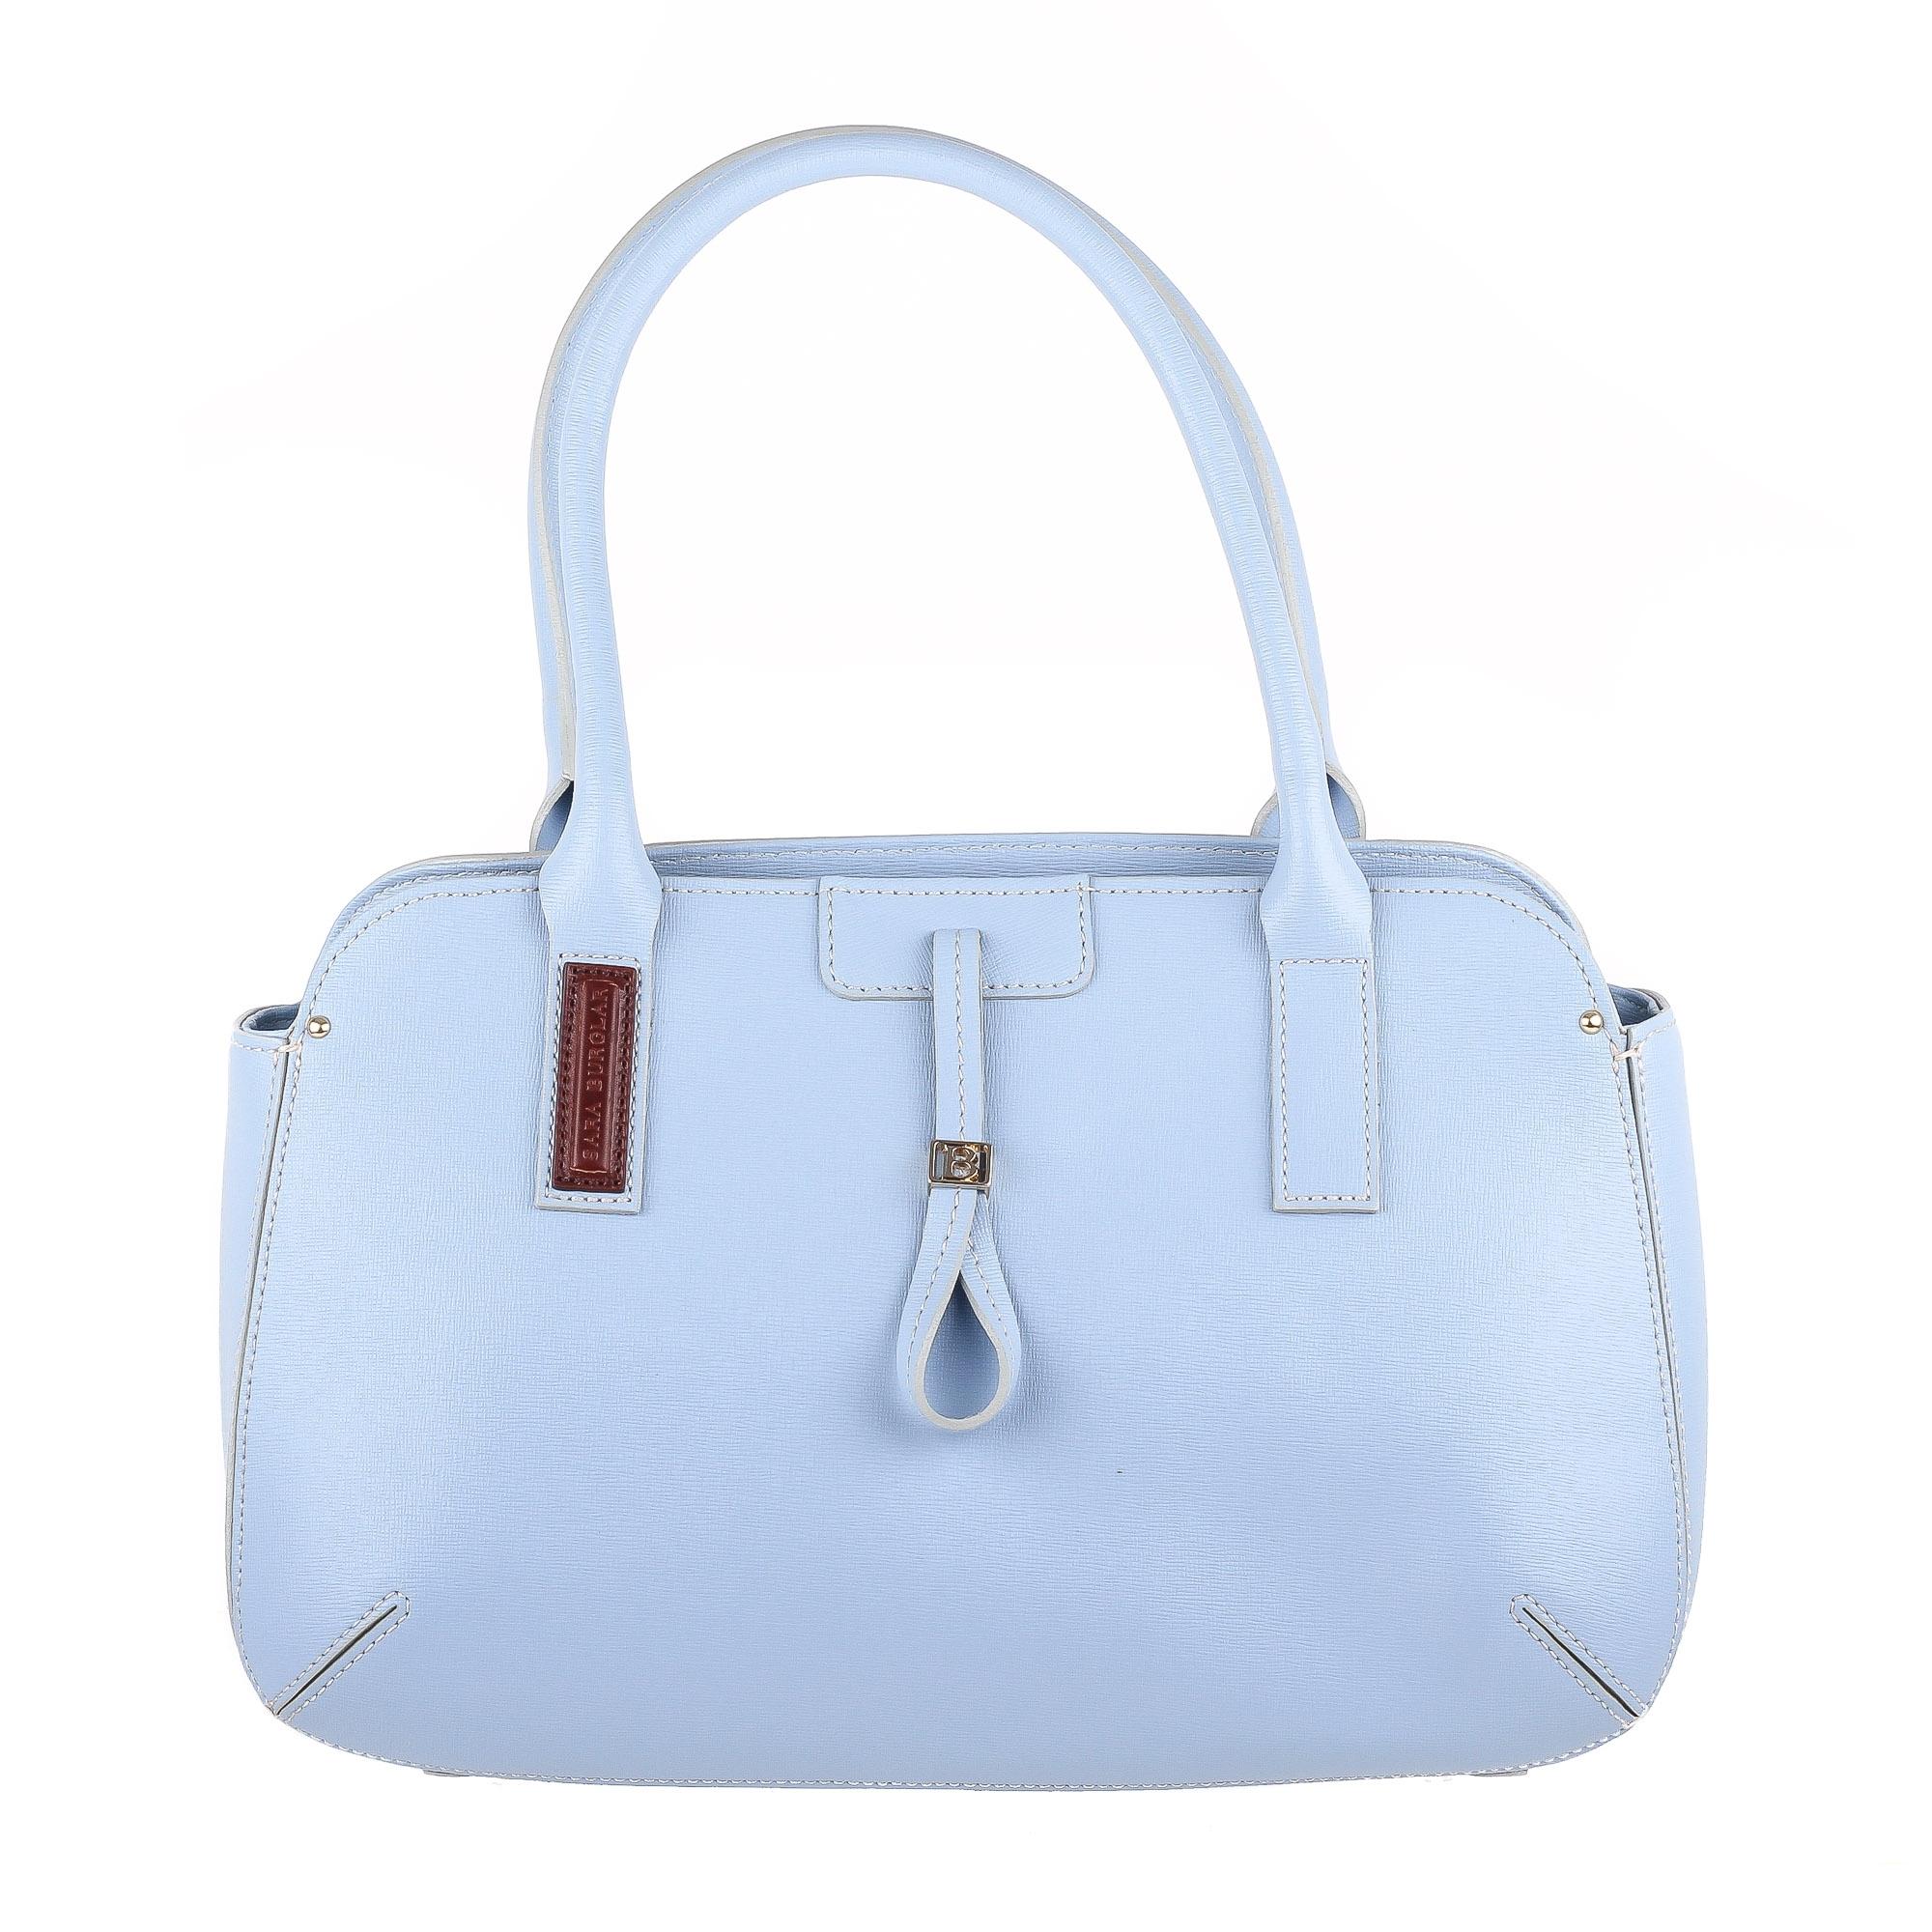 783d26779712 Голубая женская сумка с контрастными внешними швами Burglar L1730 ...